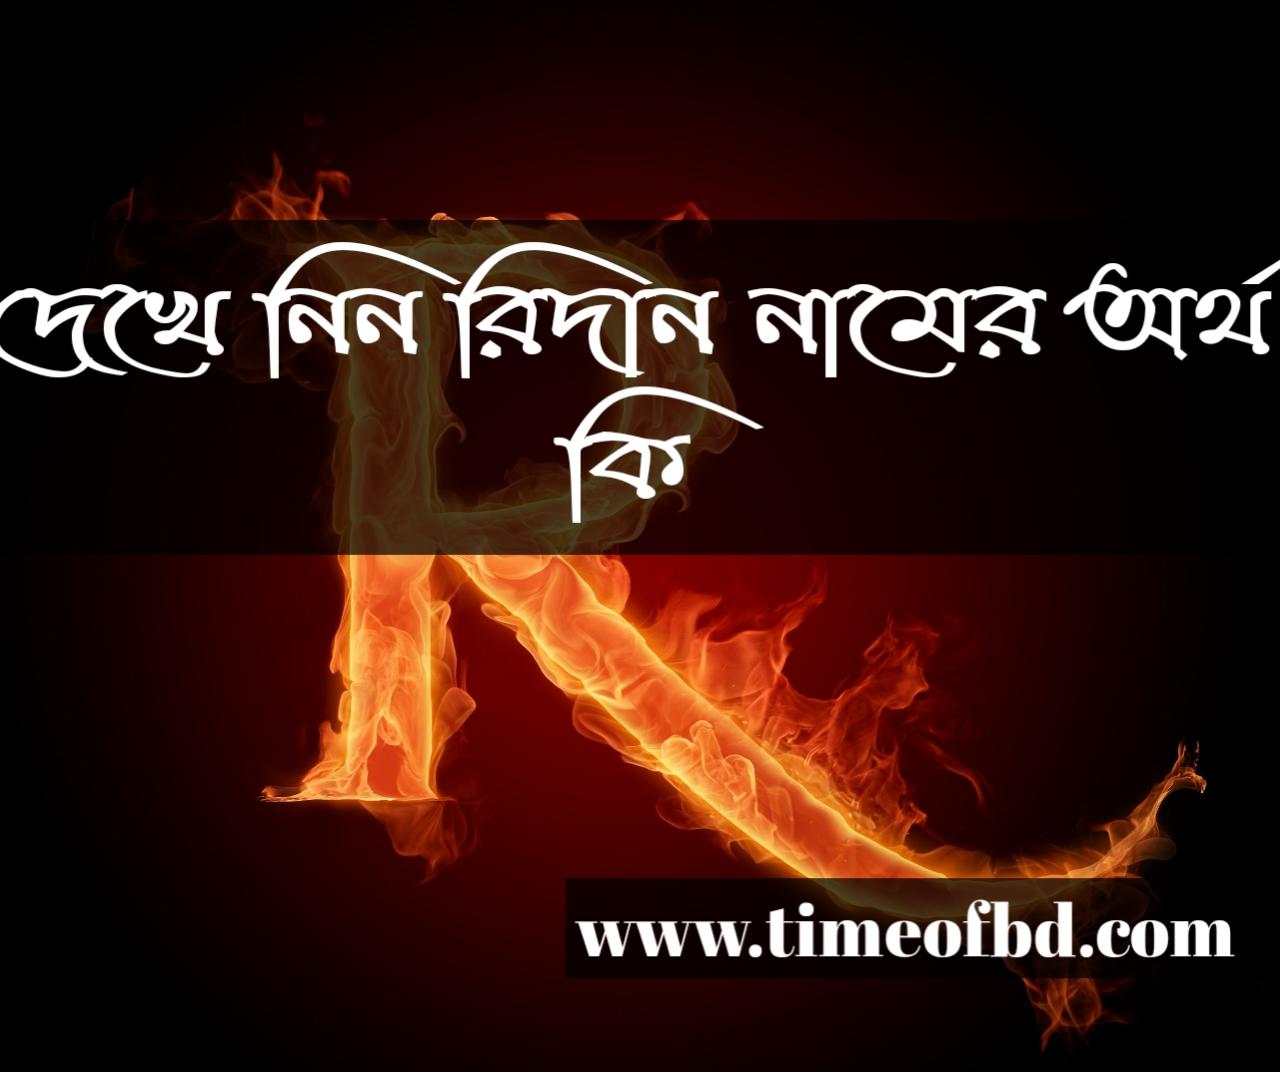 ridan name meaning in Bengali, রিদান নামের অর্থ কি, রিদান নামের বাংলা অর্থ কি, রিদান নামের ইসলামিক অর্থ কি,